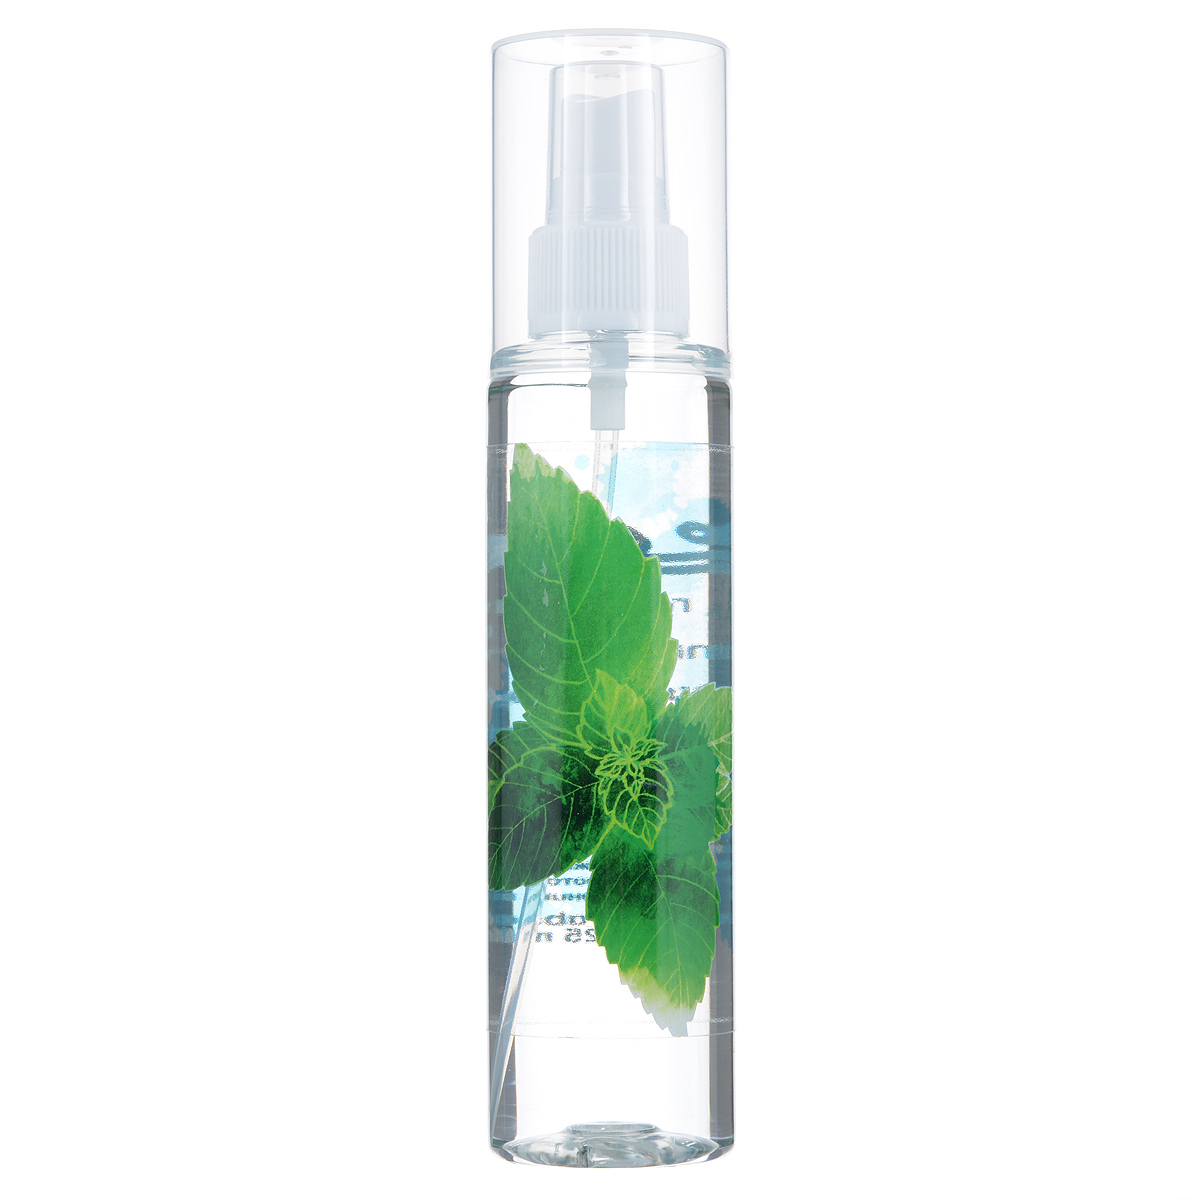 Зейтун Гидролат Мята, 125 млZ2008Гидролат мяты хорошо распылять на лицо и область декольте — он бодрит, освежает, улучшает цвет и общий тонус кожи, подтягивает её. Также может снять отёчность и раздражение, облегчить аллергическую реакцию. Мятная вода обладает удивительным освежающим эффектом не только для кожи, но и для ума — помогает сконцентрироваться, в то же время успокаивая нервы. В сочетании с гидролатом розмарина, отличная — и более полезная — замена кофе. Помогает легче переносить жару.Мятную воду вы можете использовать разными способами: • в качестве тоника для кожи лица и тела, • добавлять в воду, когда принимаете ванну, • применять как ополаскиватель после мытья волос, • можно распылять в течение дня на волосы: гидролат легко ложится, не склеивает их, слабо фиксируя причёску и придавая волосам нежный аромат, • наносить перед применением крема или косметического масла, ради подготовки кожи и усиления воздействия средства, • использовать для тонизации кожи после скраба или пилинга, • разводить сухие глиняные маски, улучшая их эффект и придавая коже травяной запах.Мятная вода полностью натуральна, поэтому чувствительна к свету, высоким температурам и микроорганизмам, и храниться она может не более 12 месяцев, причём мы настоятельно рекомендуем держать её в холодильнике. В случае аллергической реакции (жжение, покраснение) следует использовать менее концентрированный раствор (разбавить водой в пропорции 1:3-1:4).